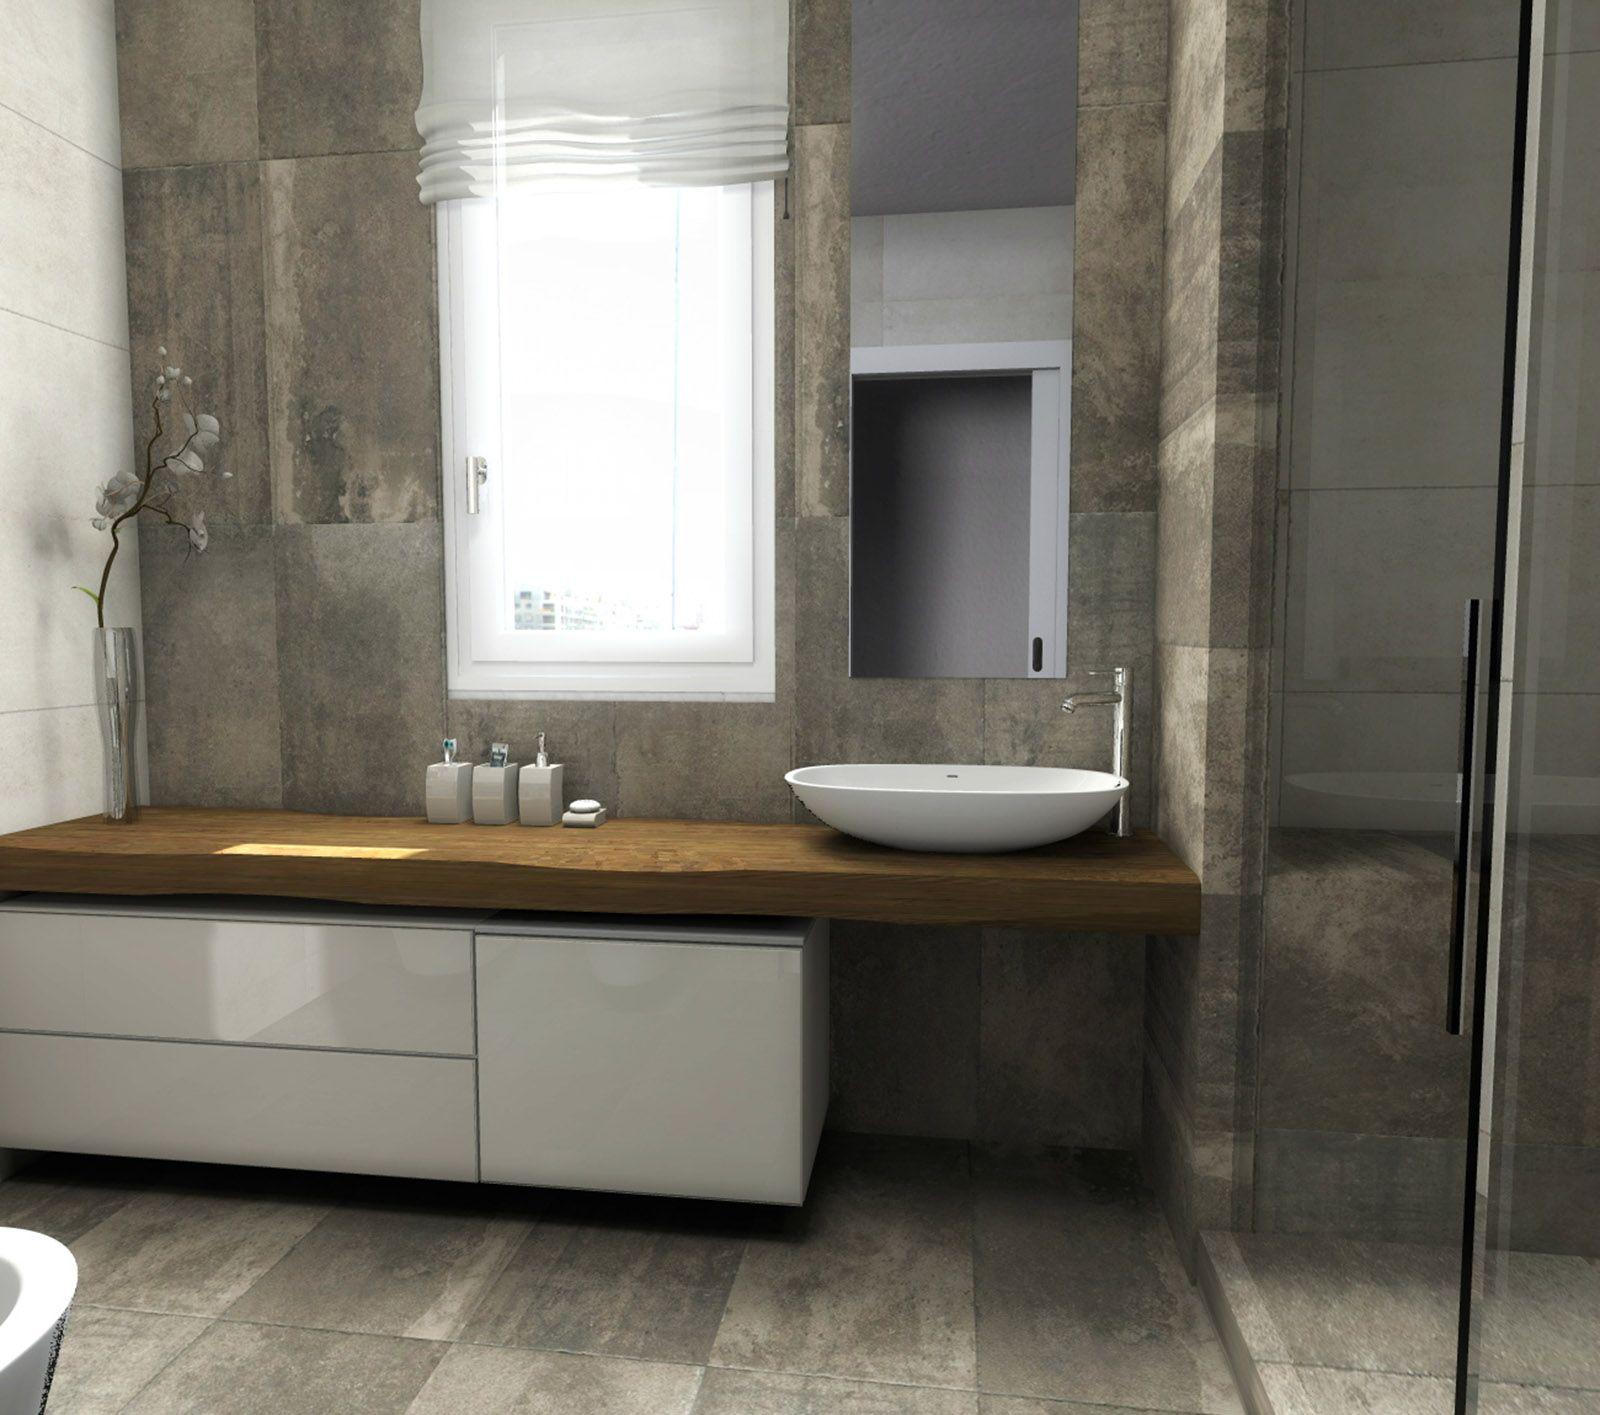 Due soluzioni bagno in pianta e in 3d progettate dal nostro architetto per il lettore giuseppe - Finestra nella doccia ...